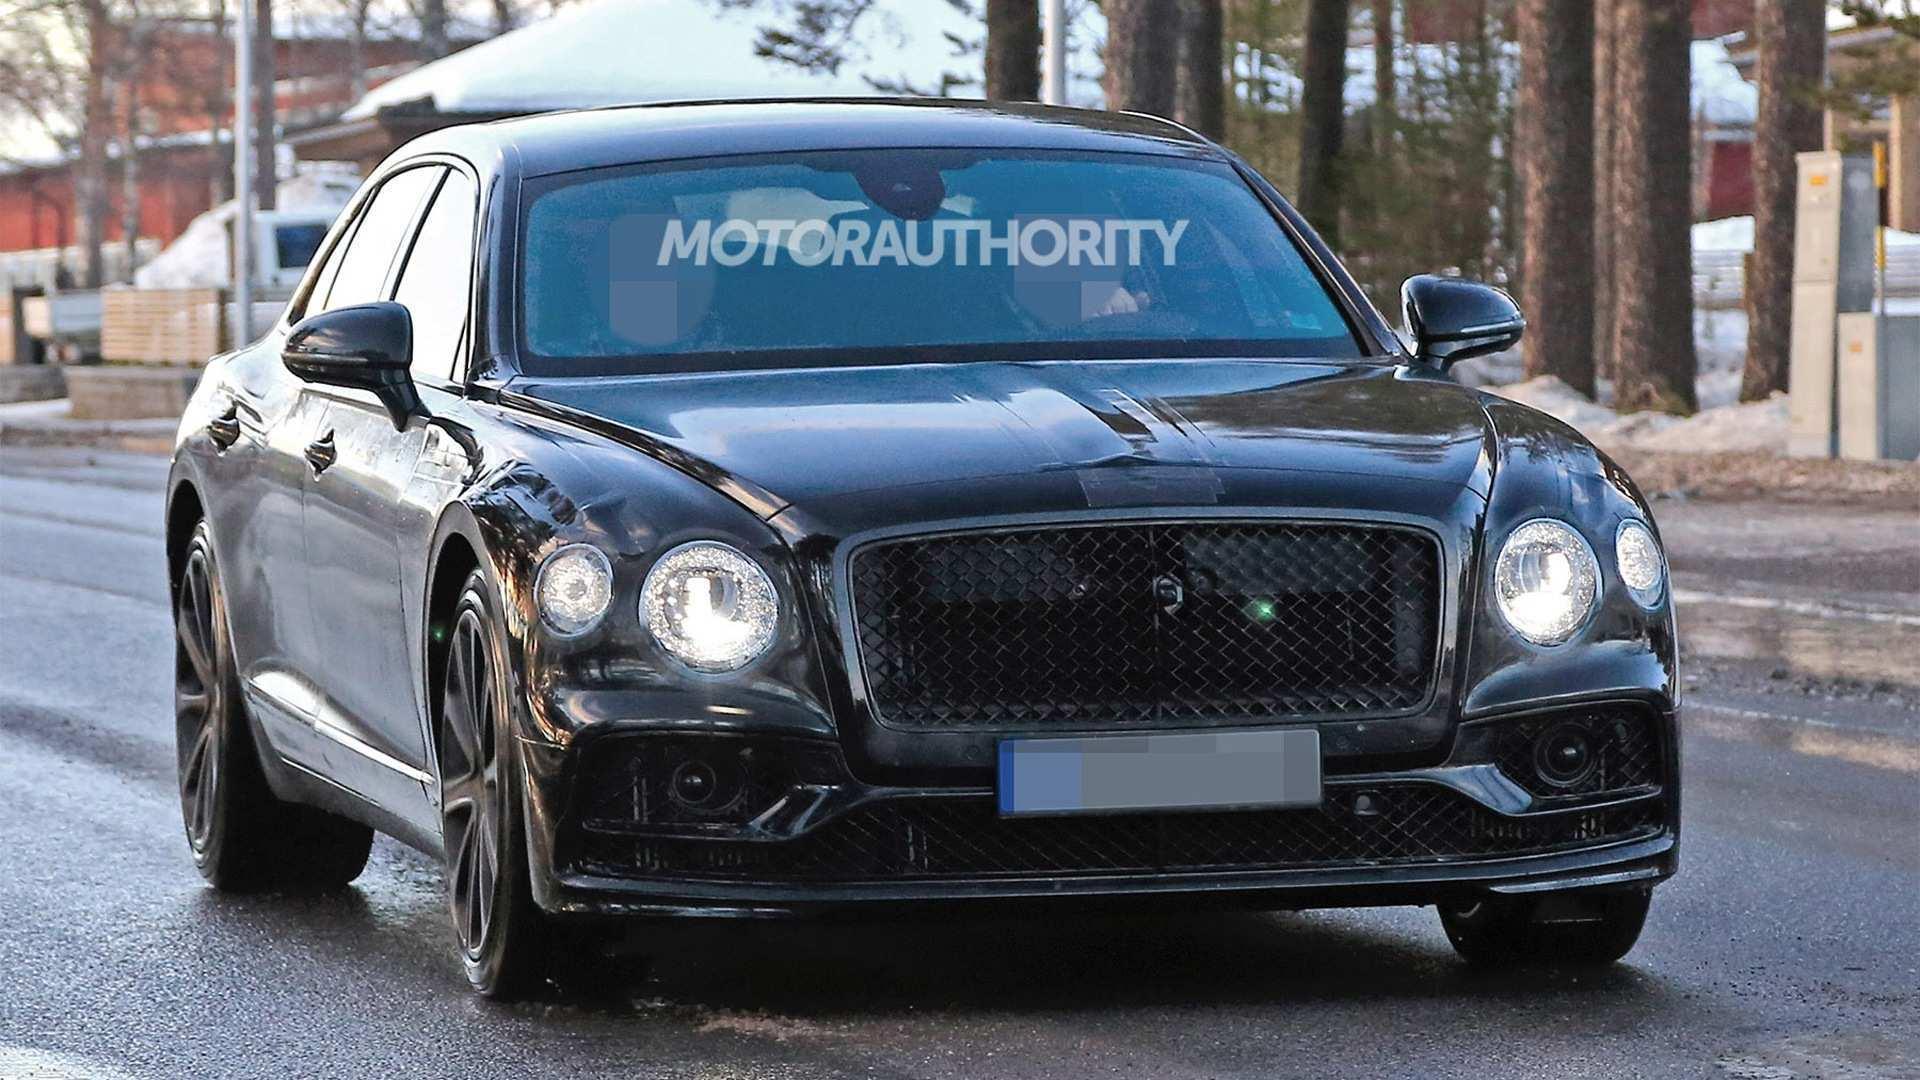 93 New 2020 Bentley Gt Configurations for 2020 Bentley Gt